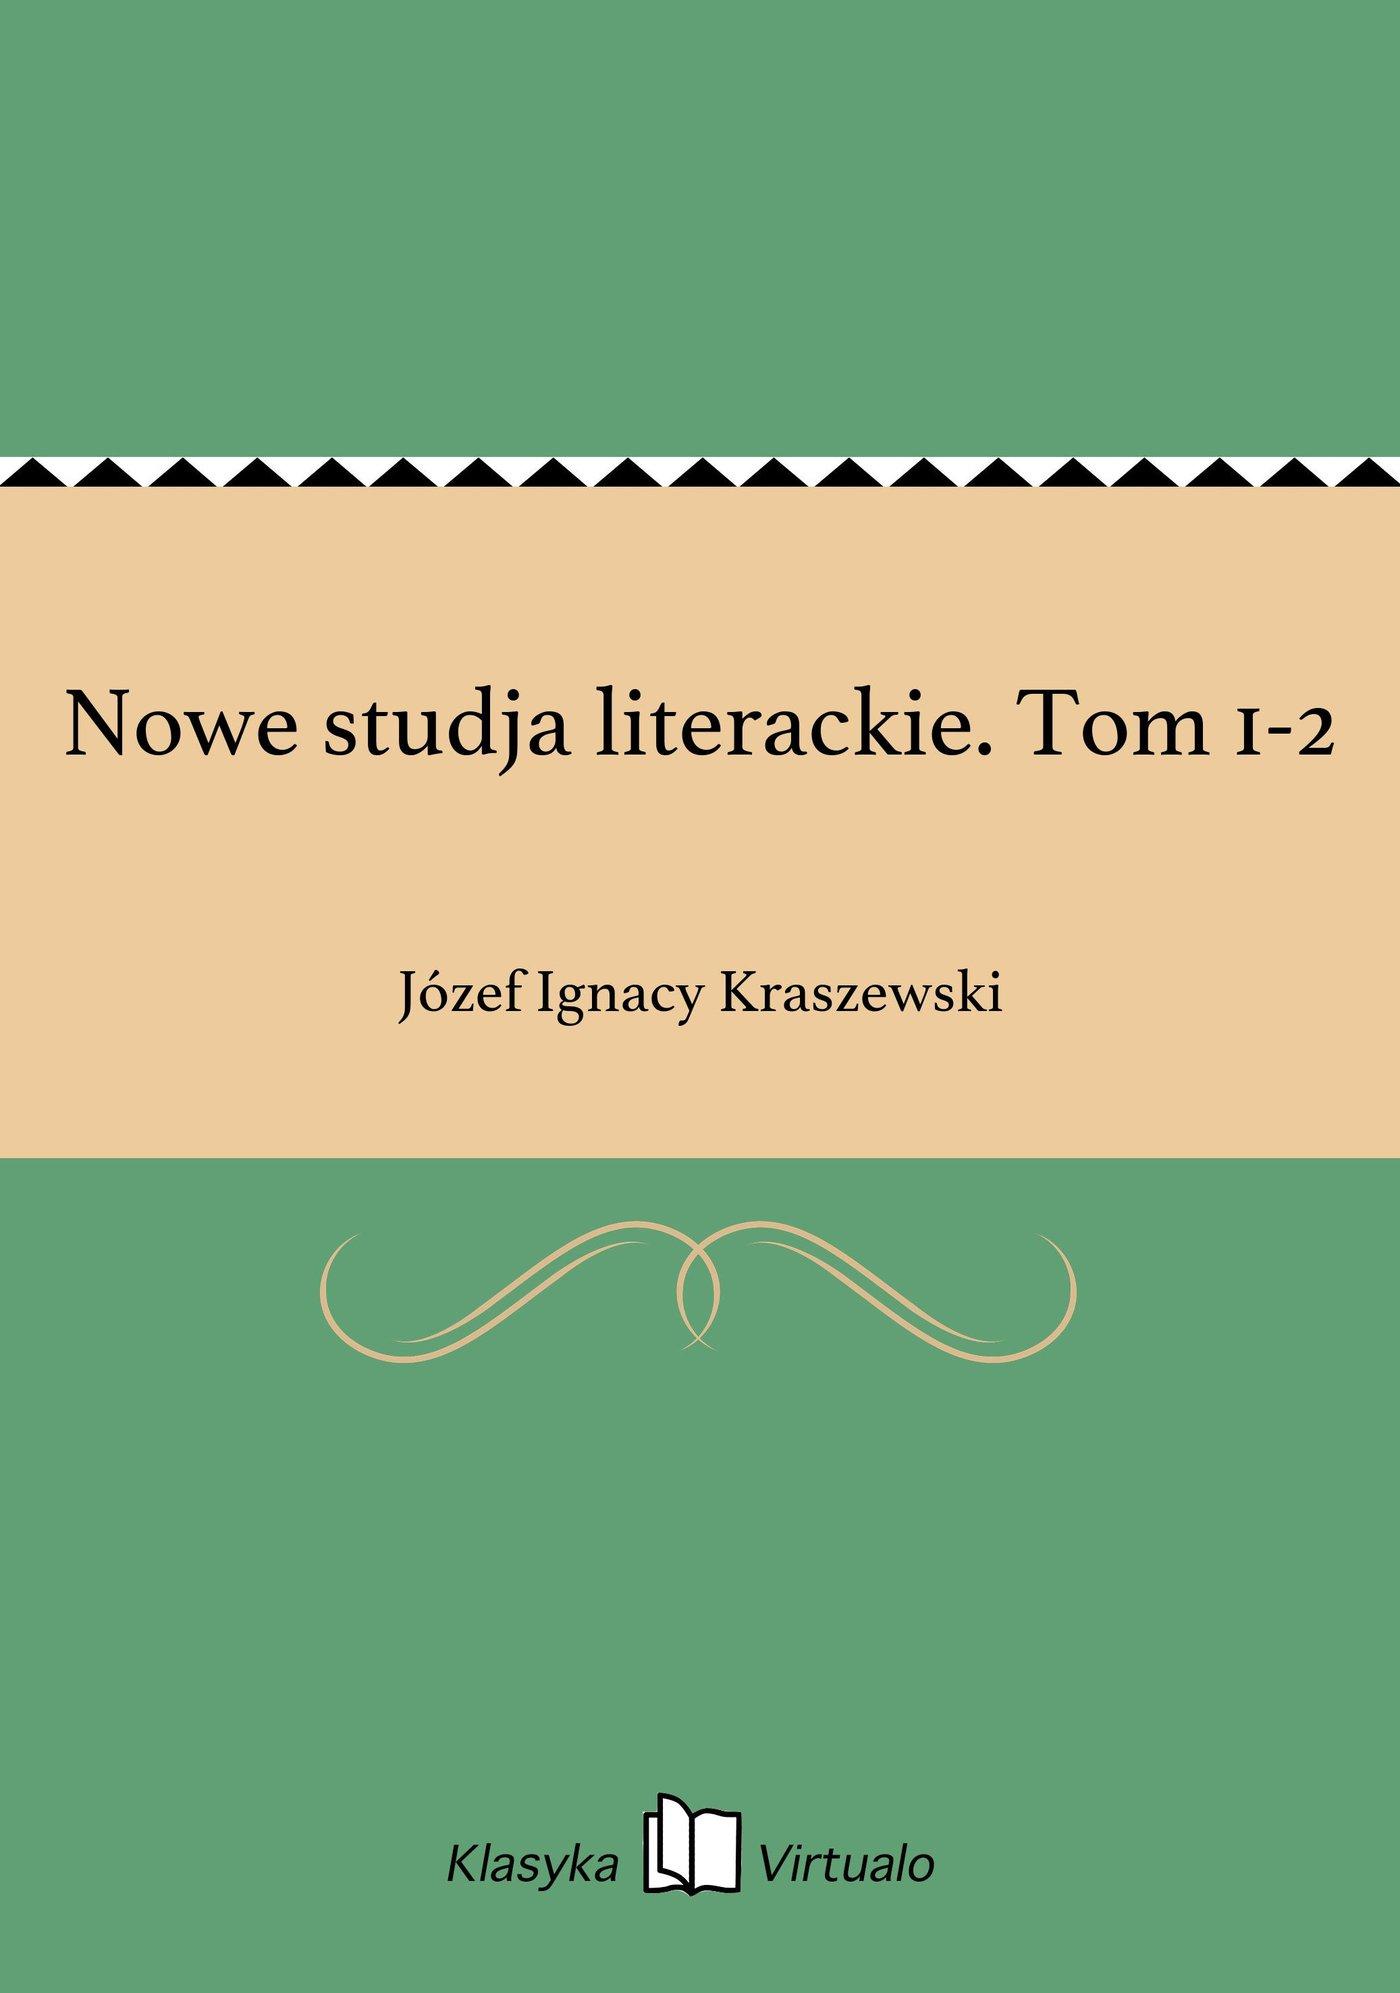 Nowe studja literackie. Tom 1-2 - Ebook (Książka EPUB) do pobrania w formacie EPUB